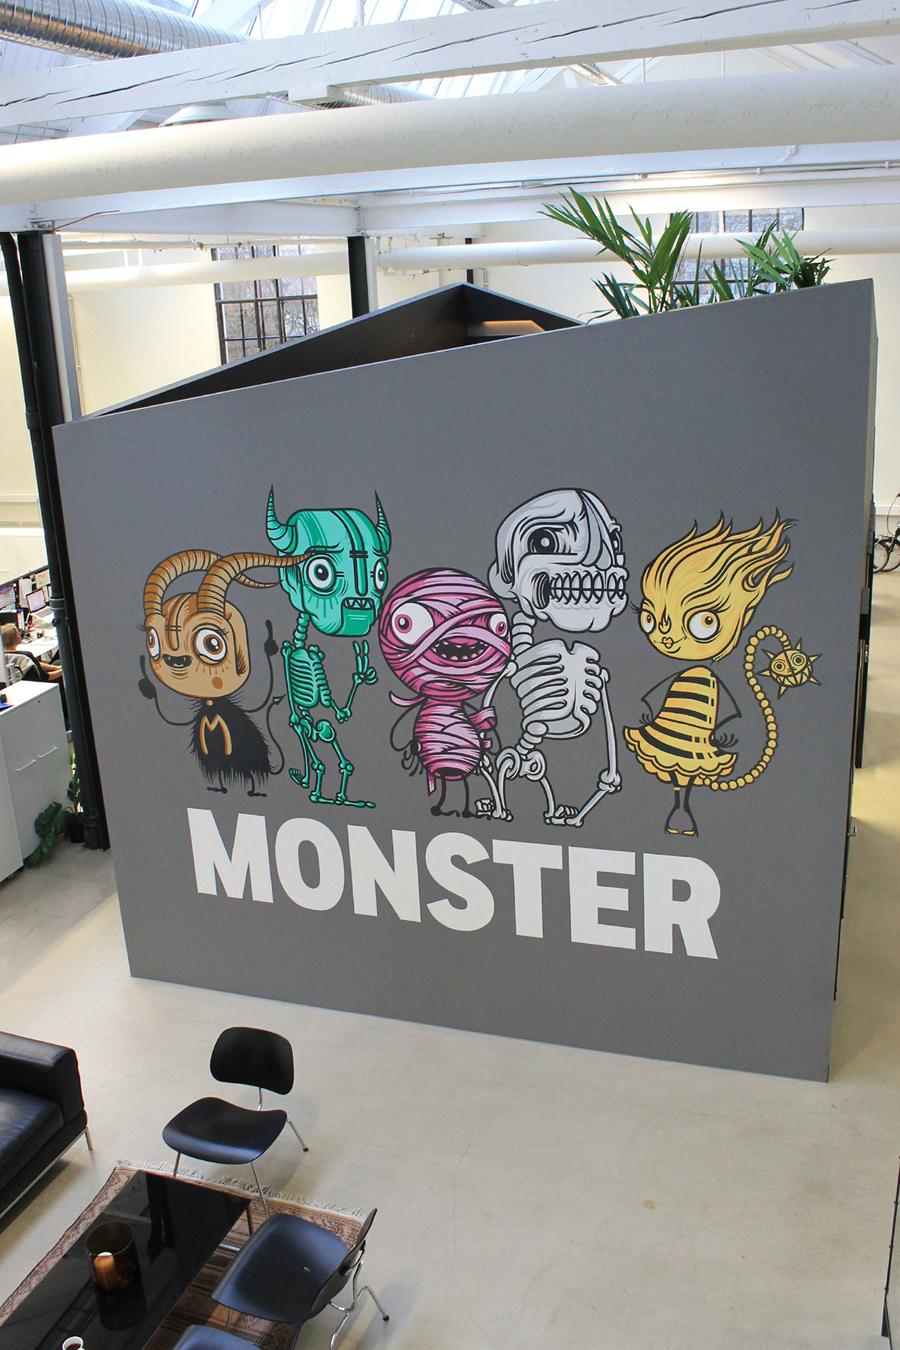 Monster公司国际品牌设计,办公环境设计